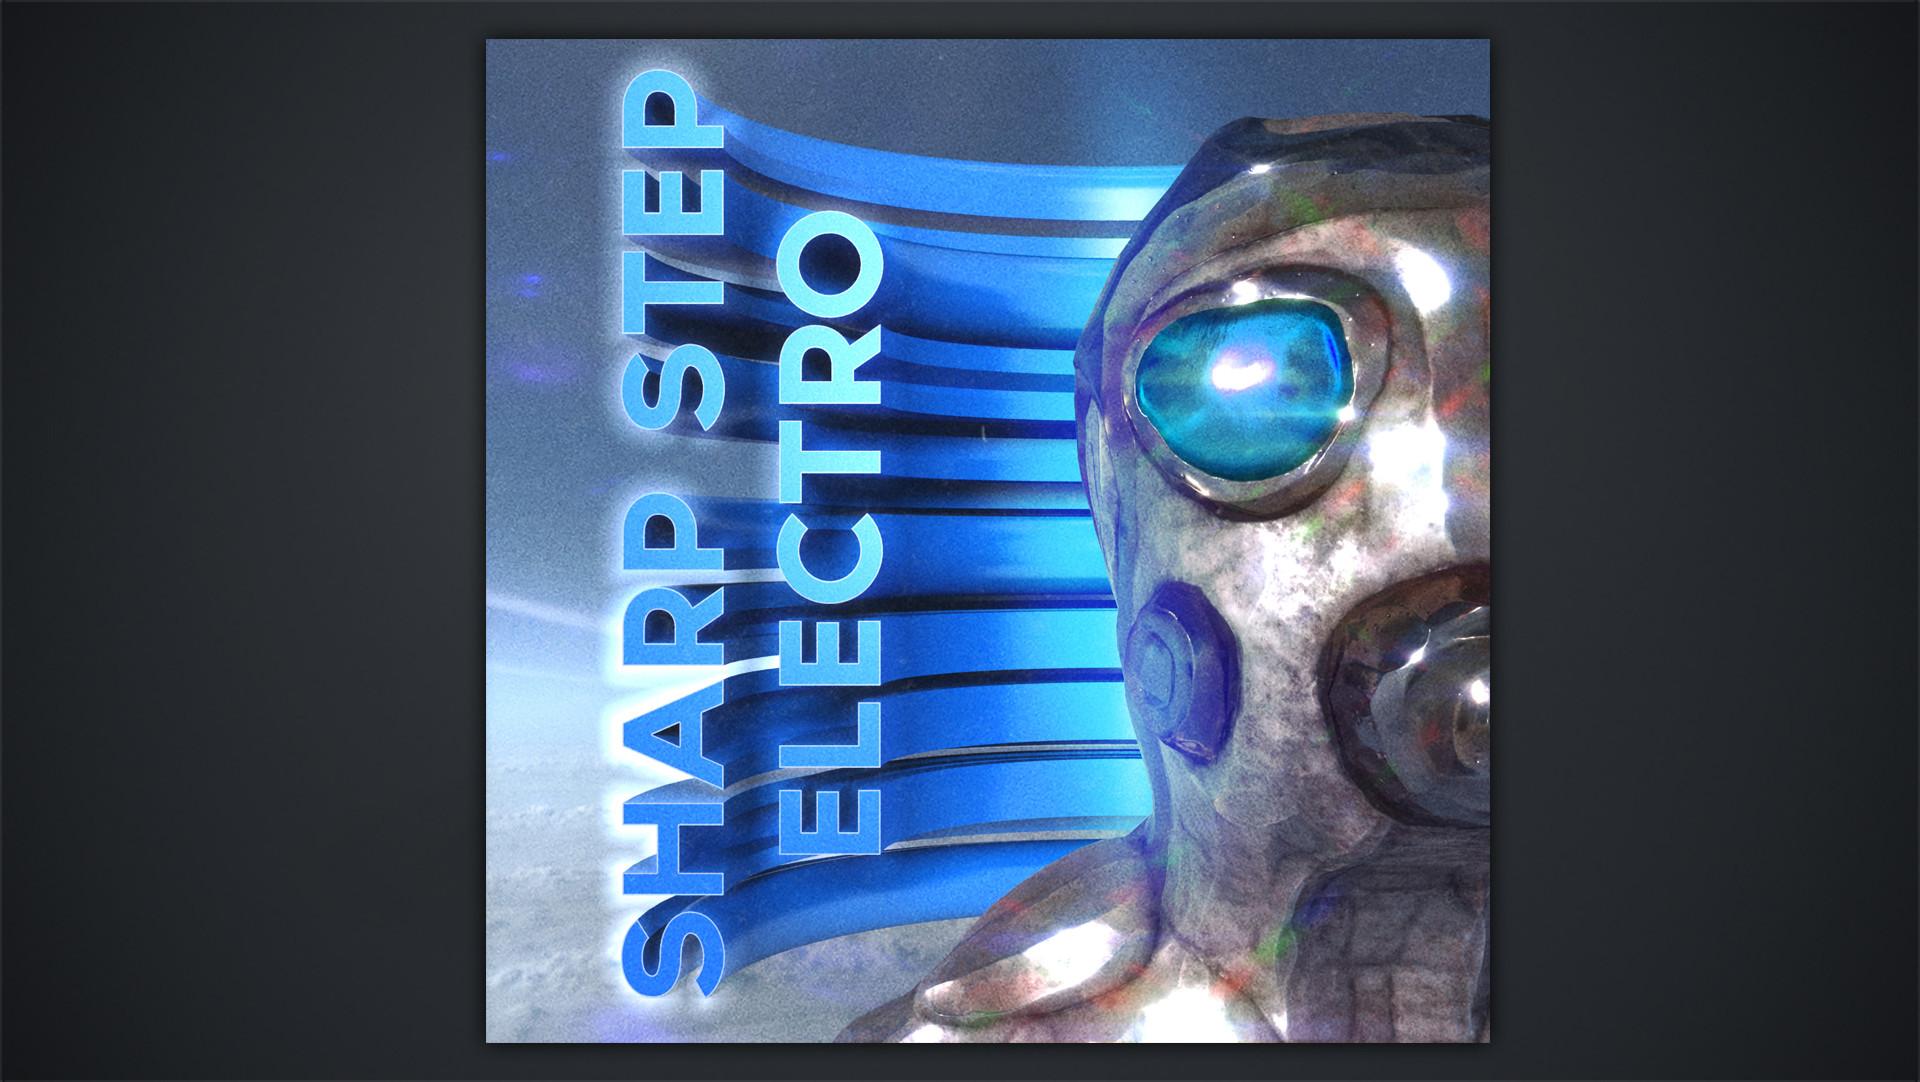 ArtStation - Sharp Step Electro (Musik Kit CS:GO) CD cover